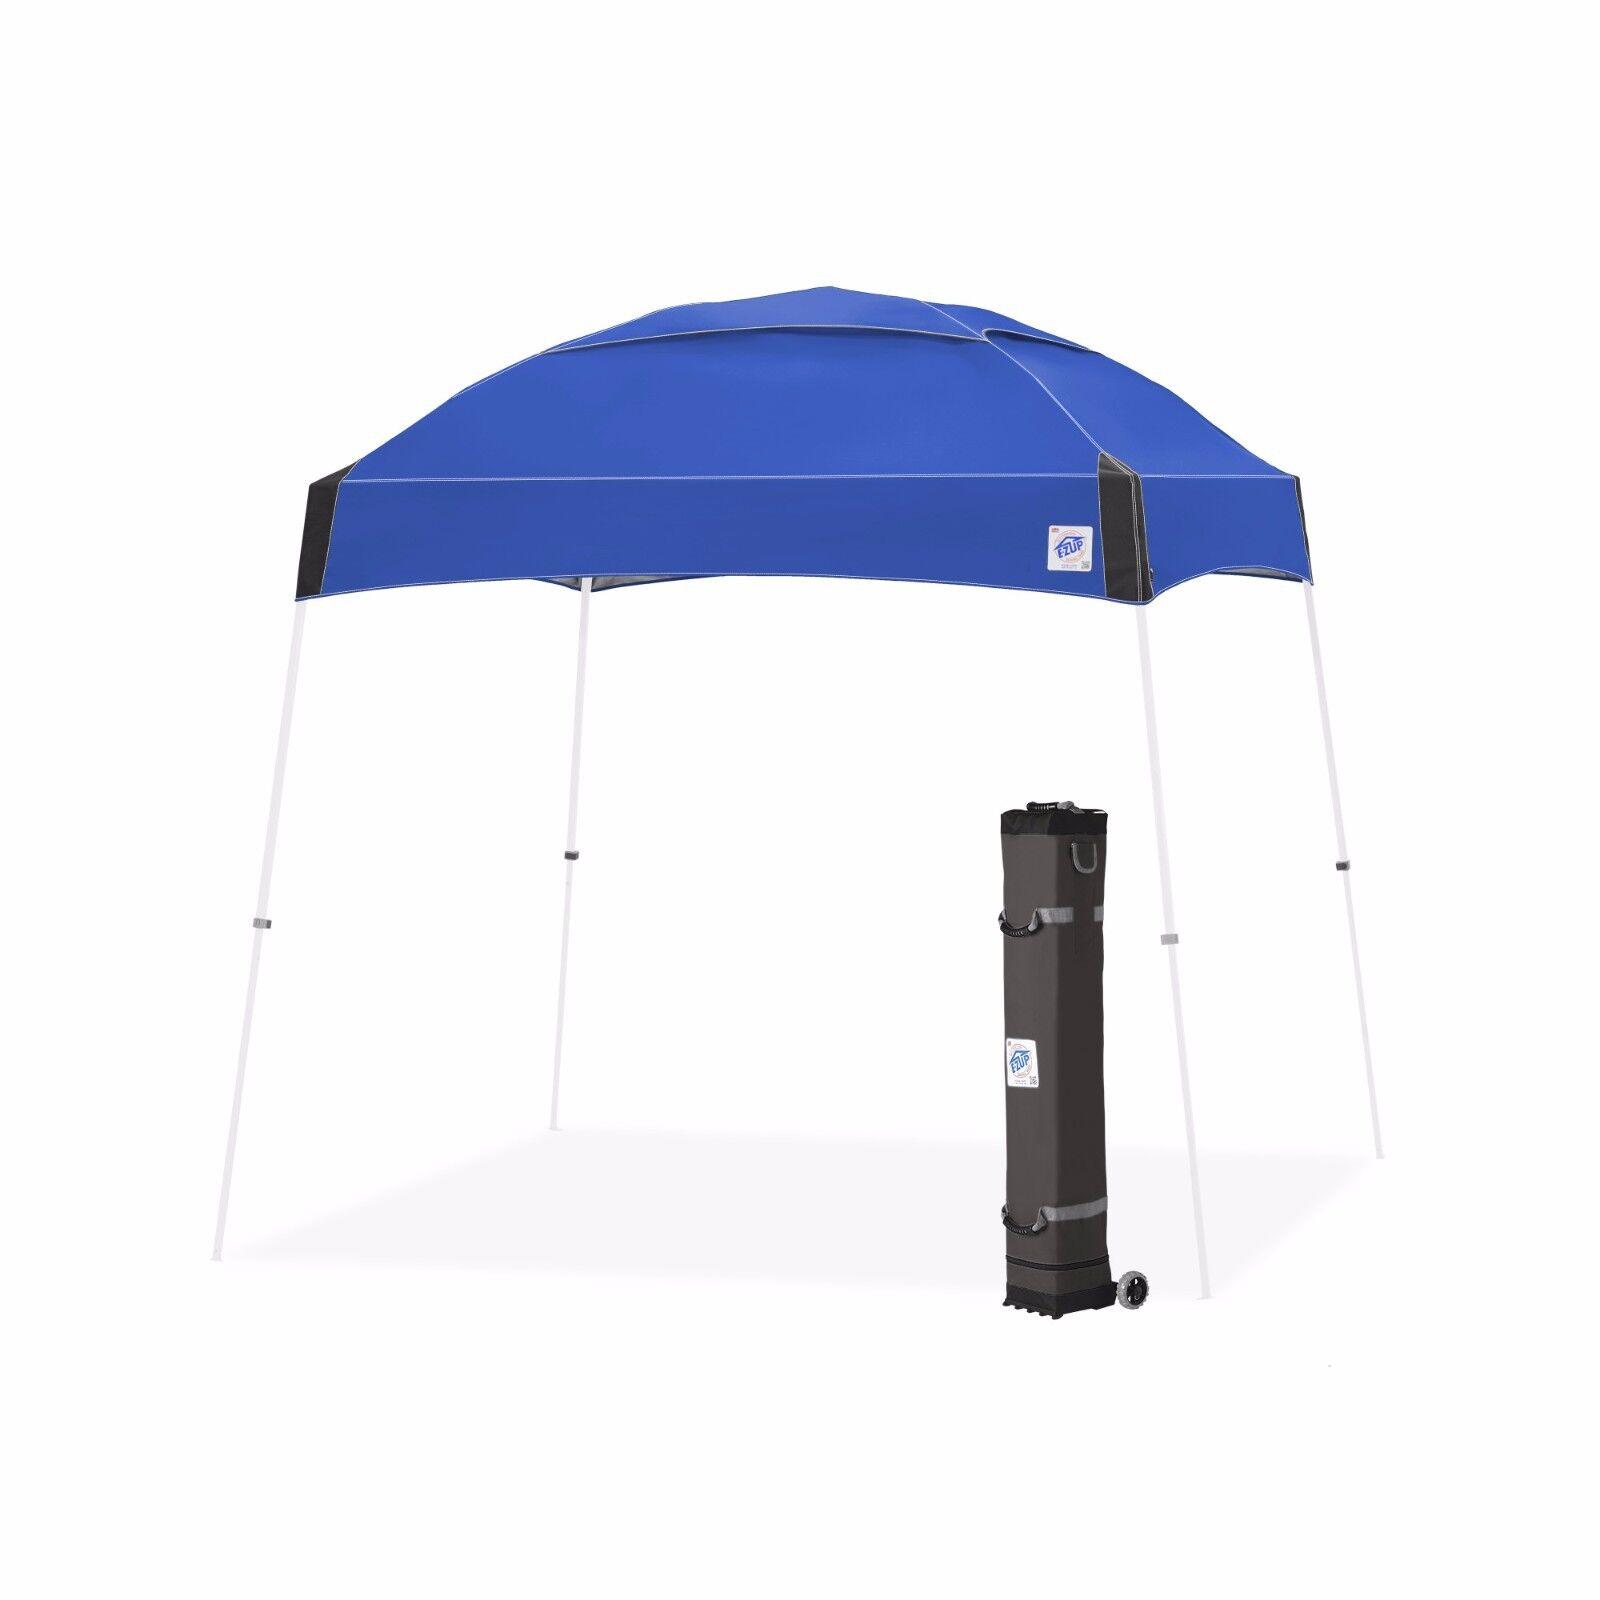 E-Z E-Z E-Z UP Dome Instant Shelter 10'x10' Canopy Pop Up Tent Vented - Royal Blau f2b91e